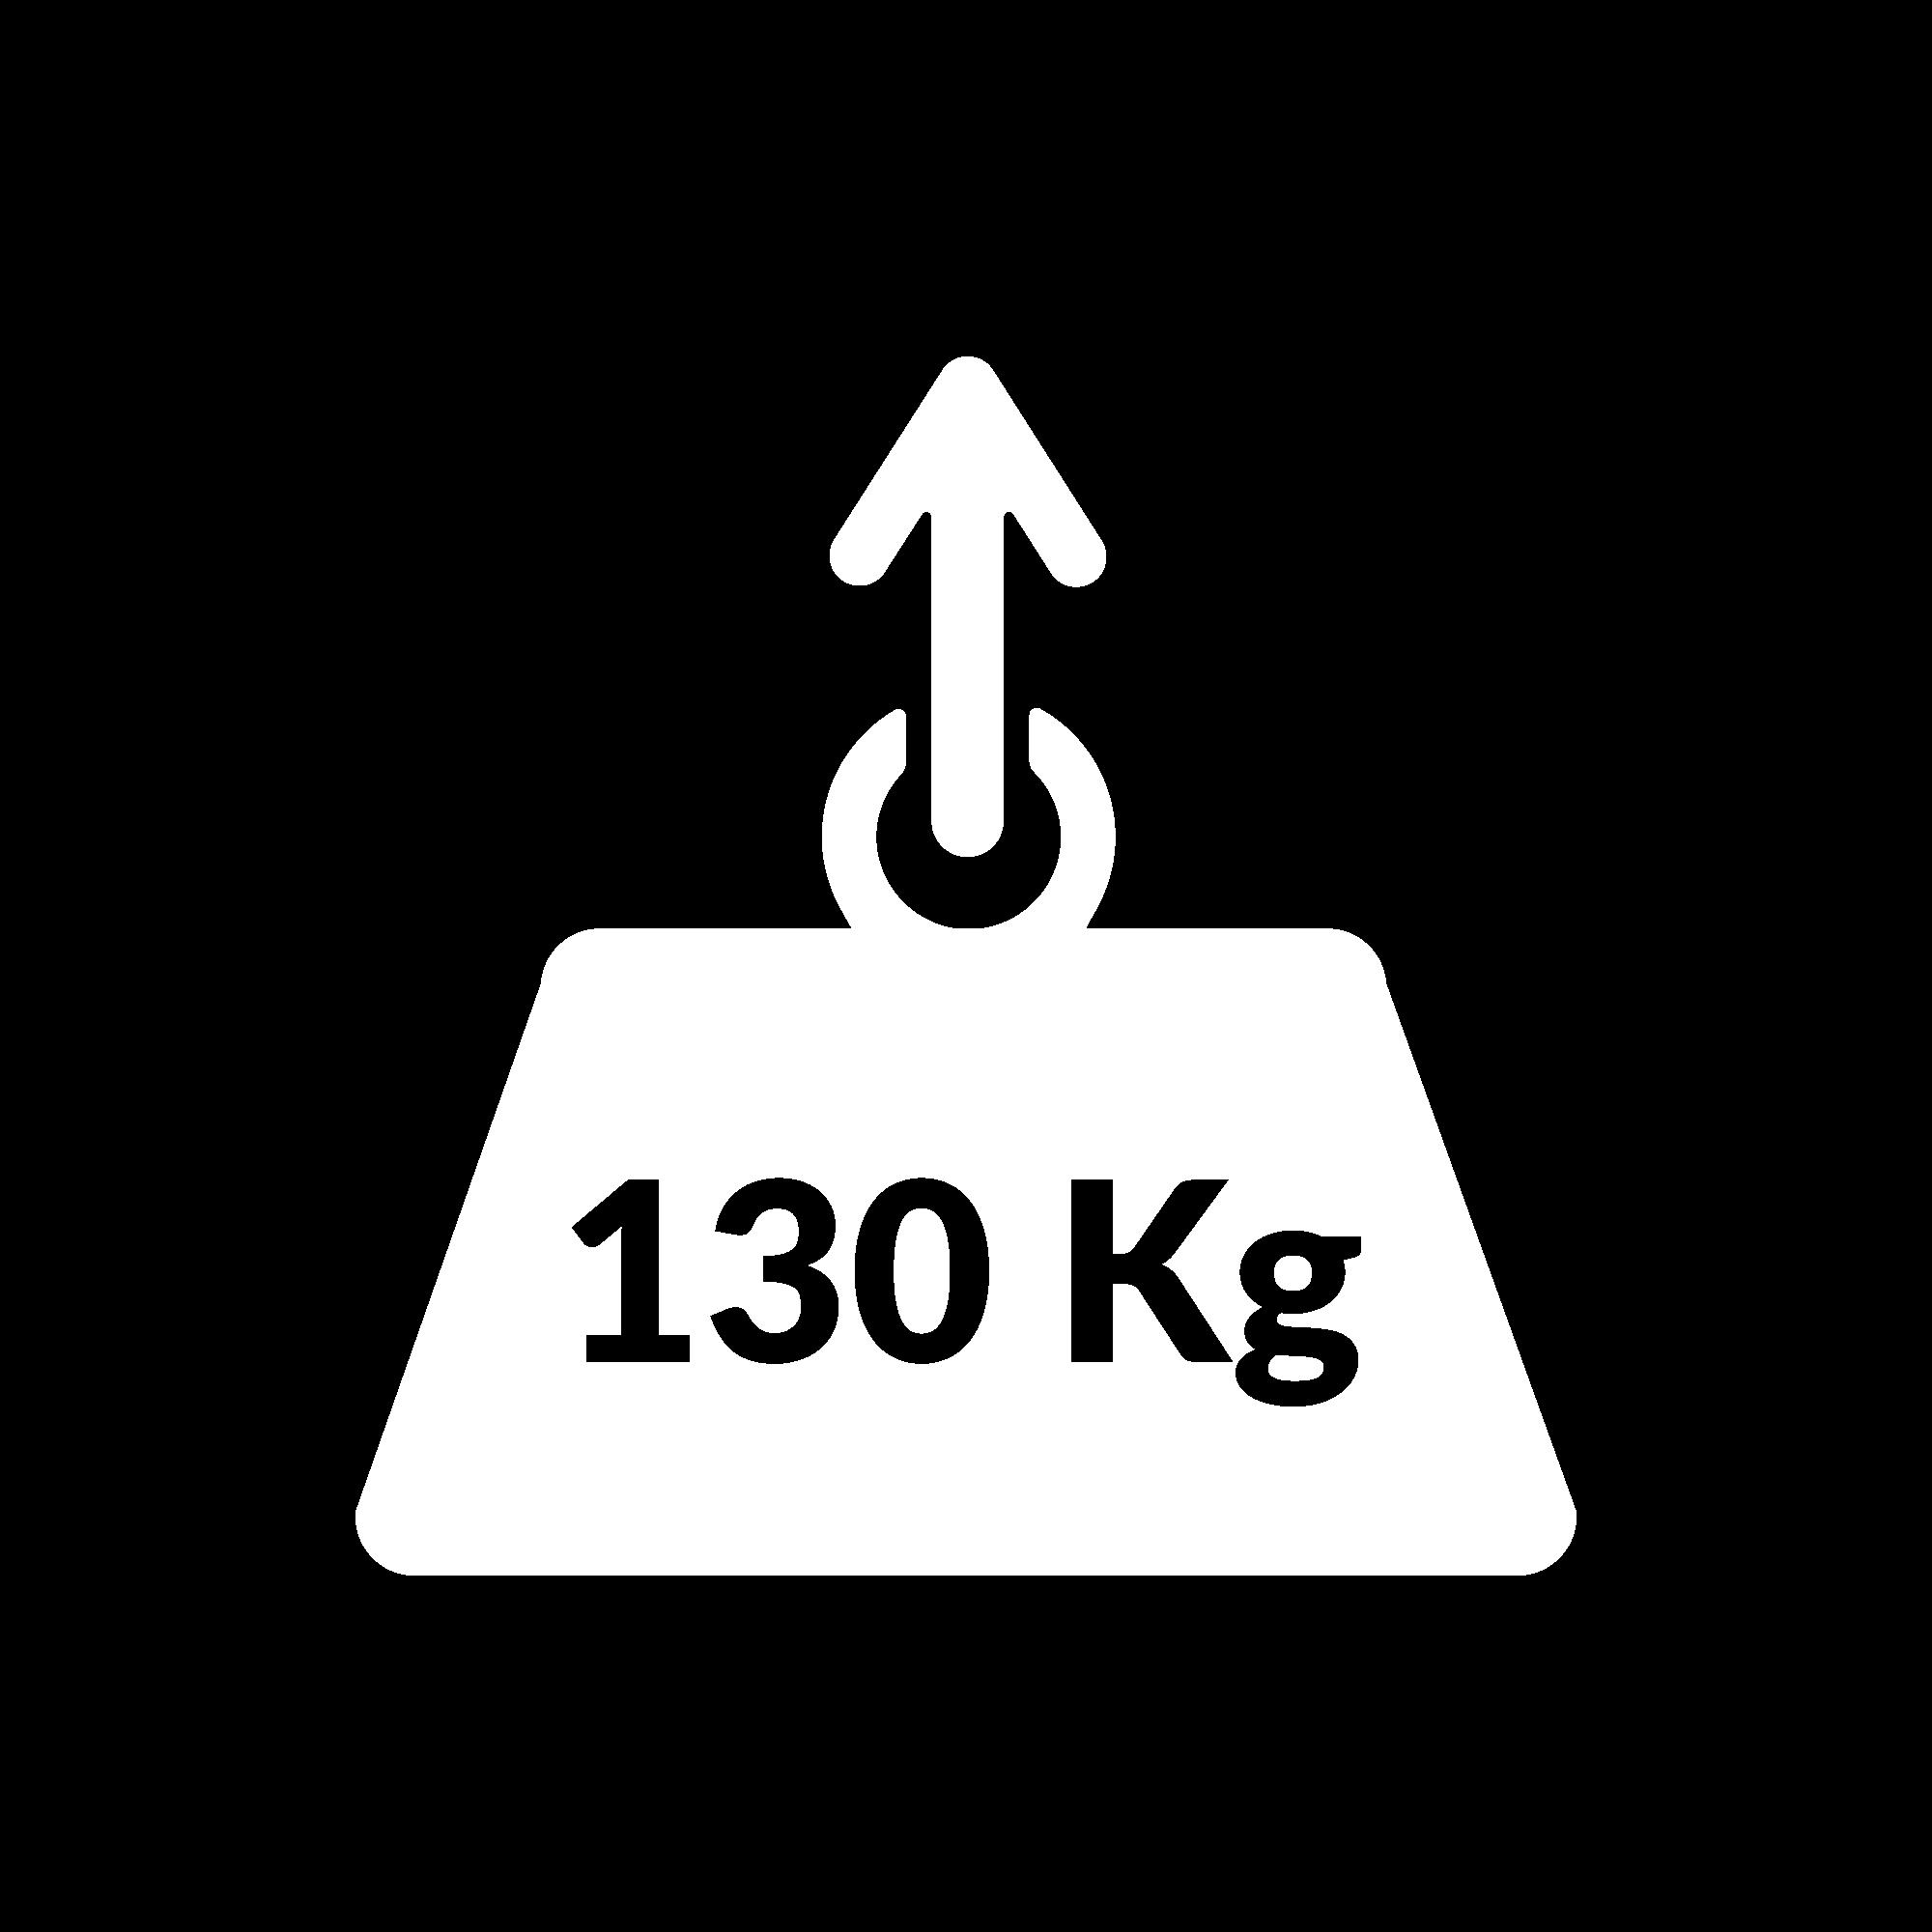 Icona-130kg